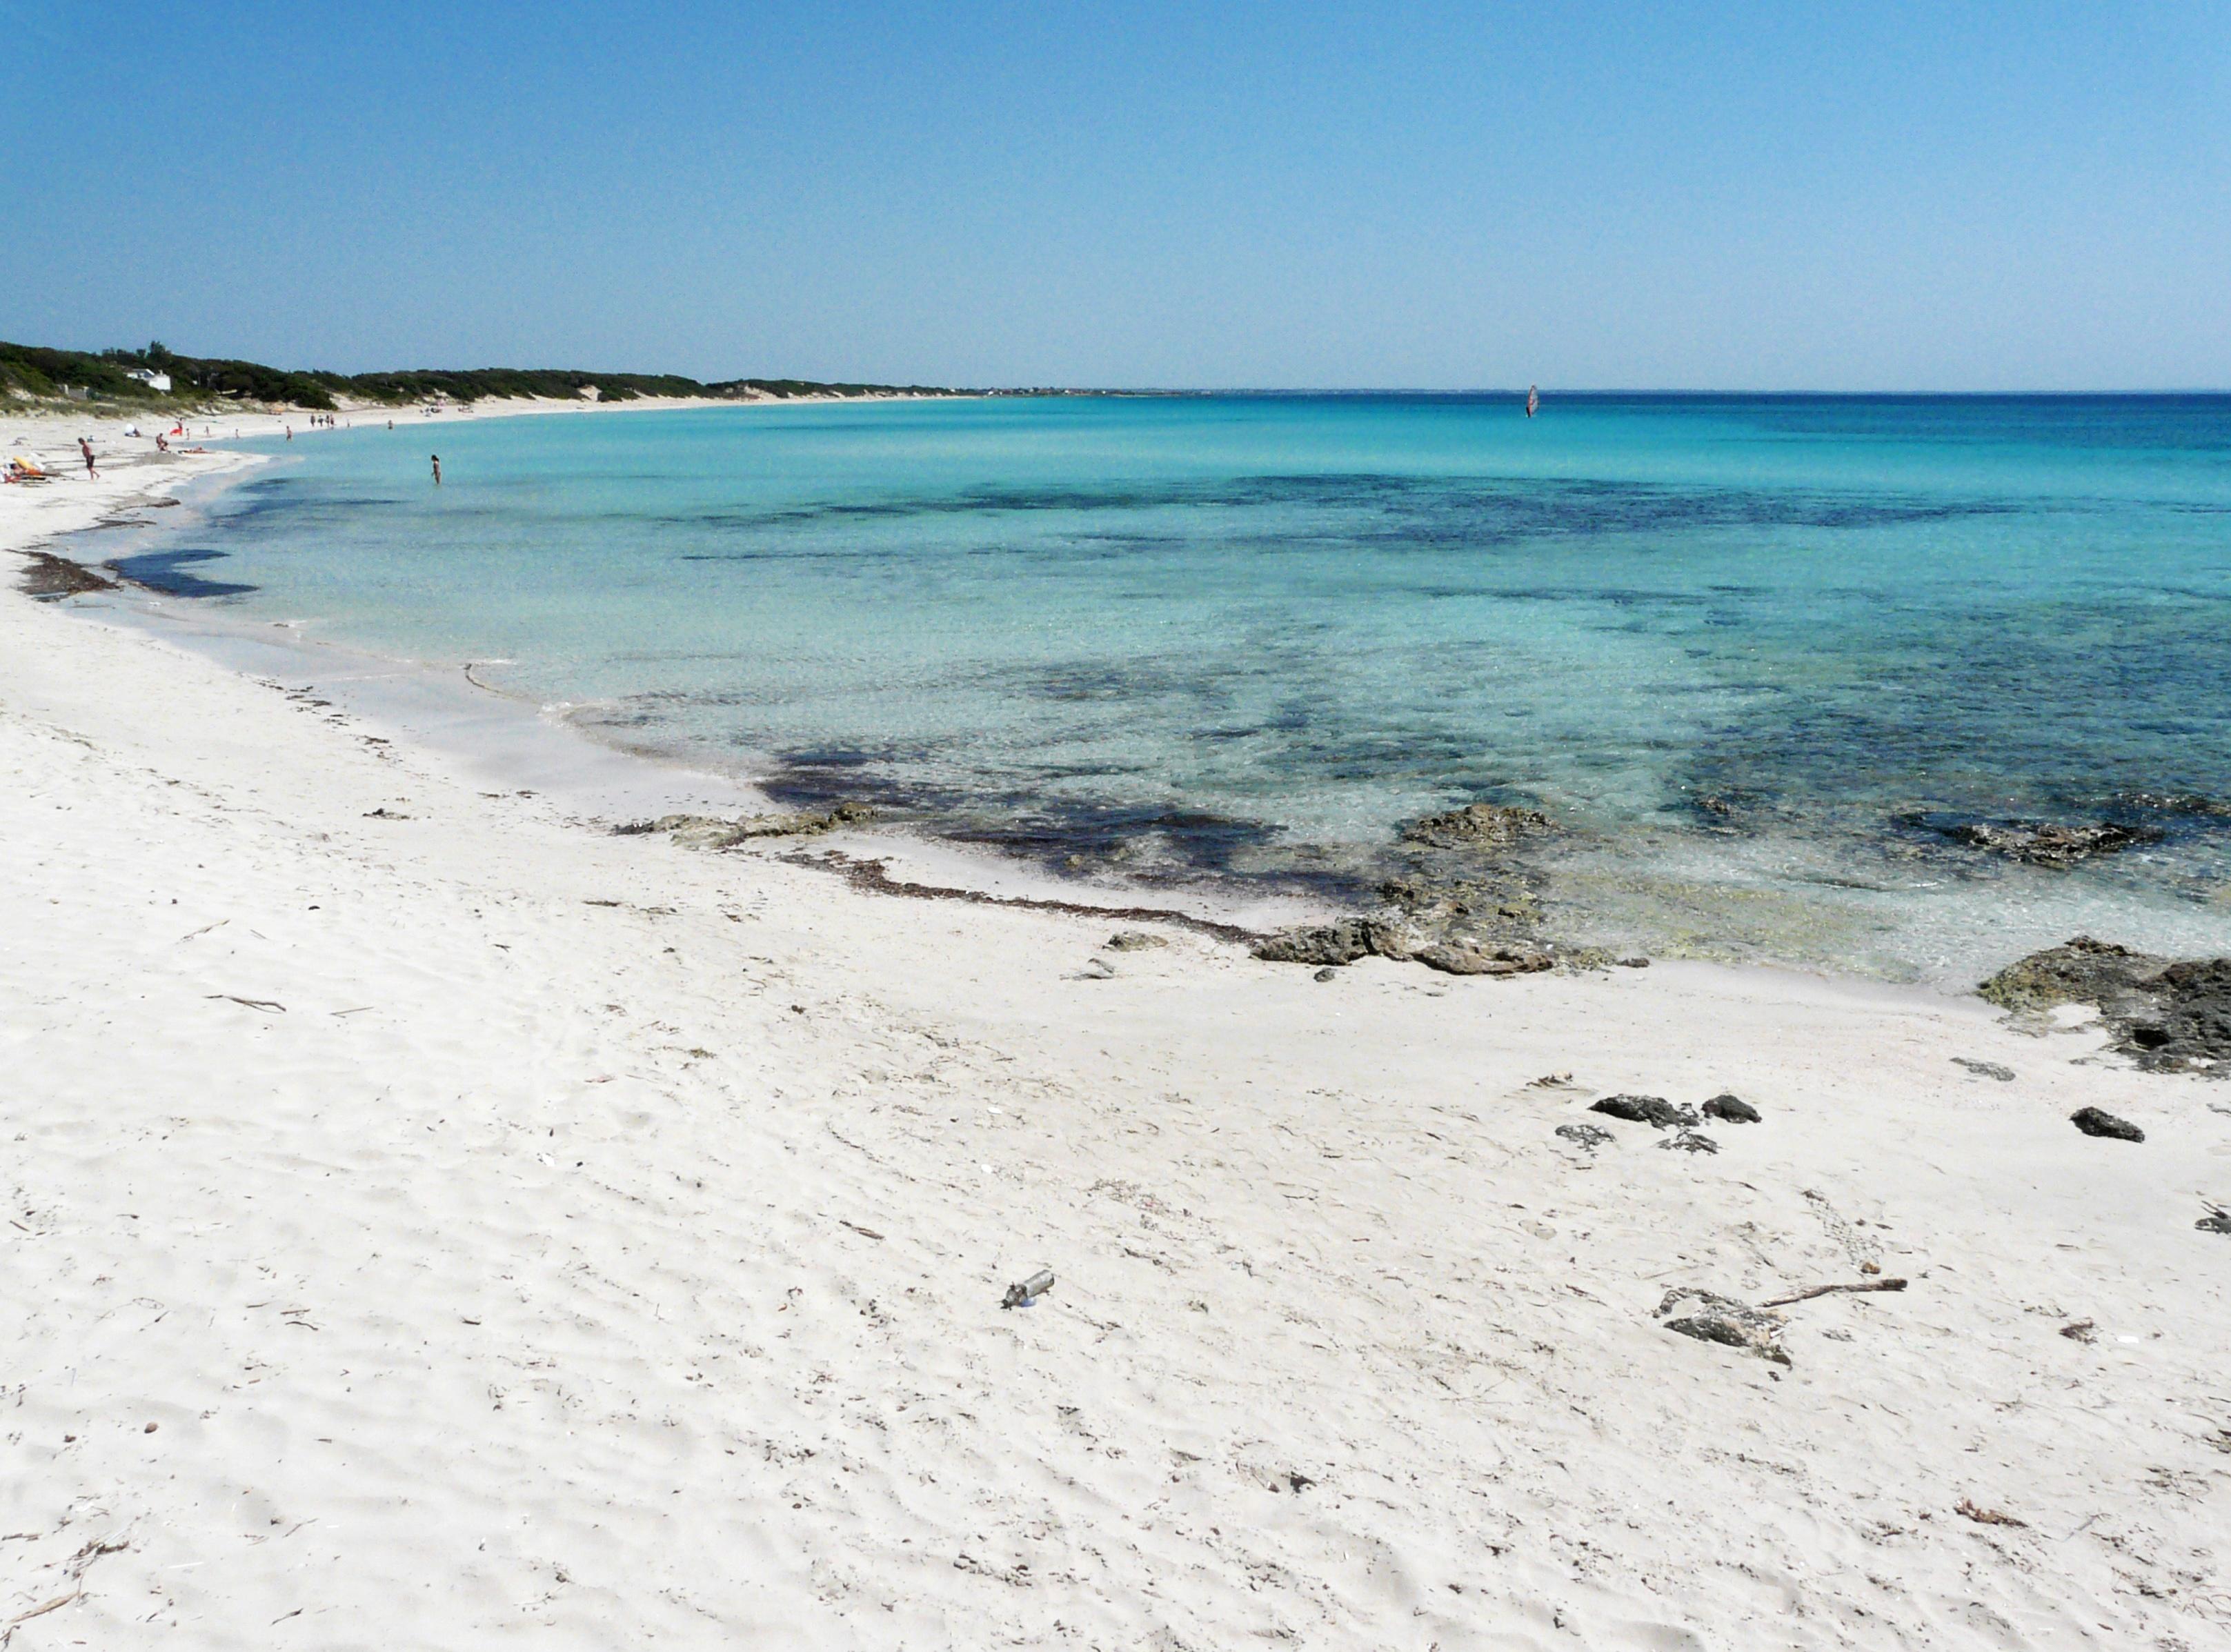 ТОП-11 кращих пляжів Європи для літнього відпочинку - фото 11